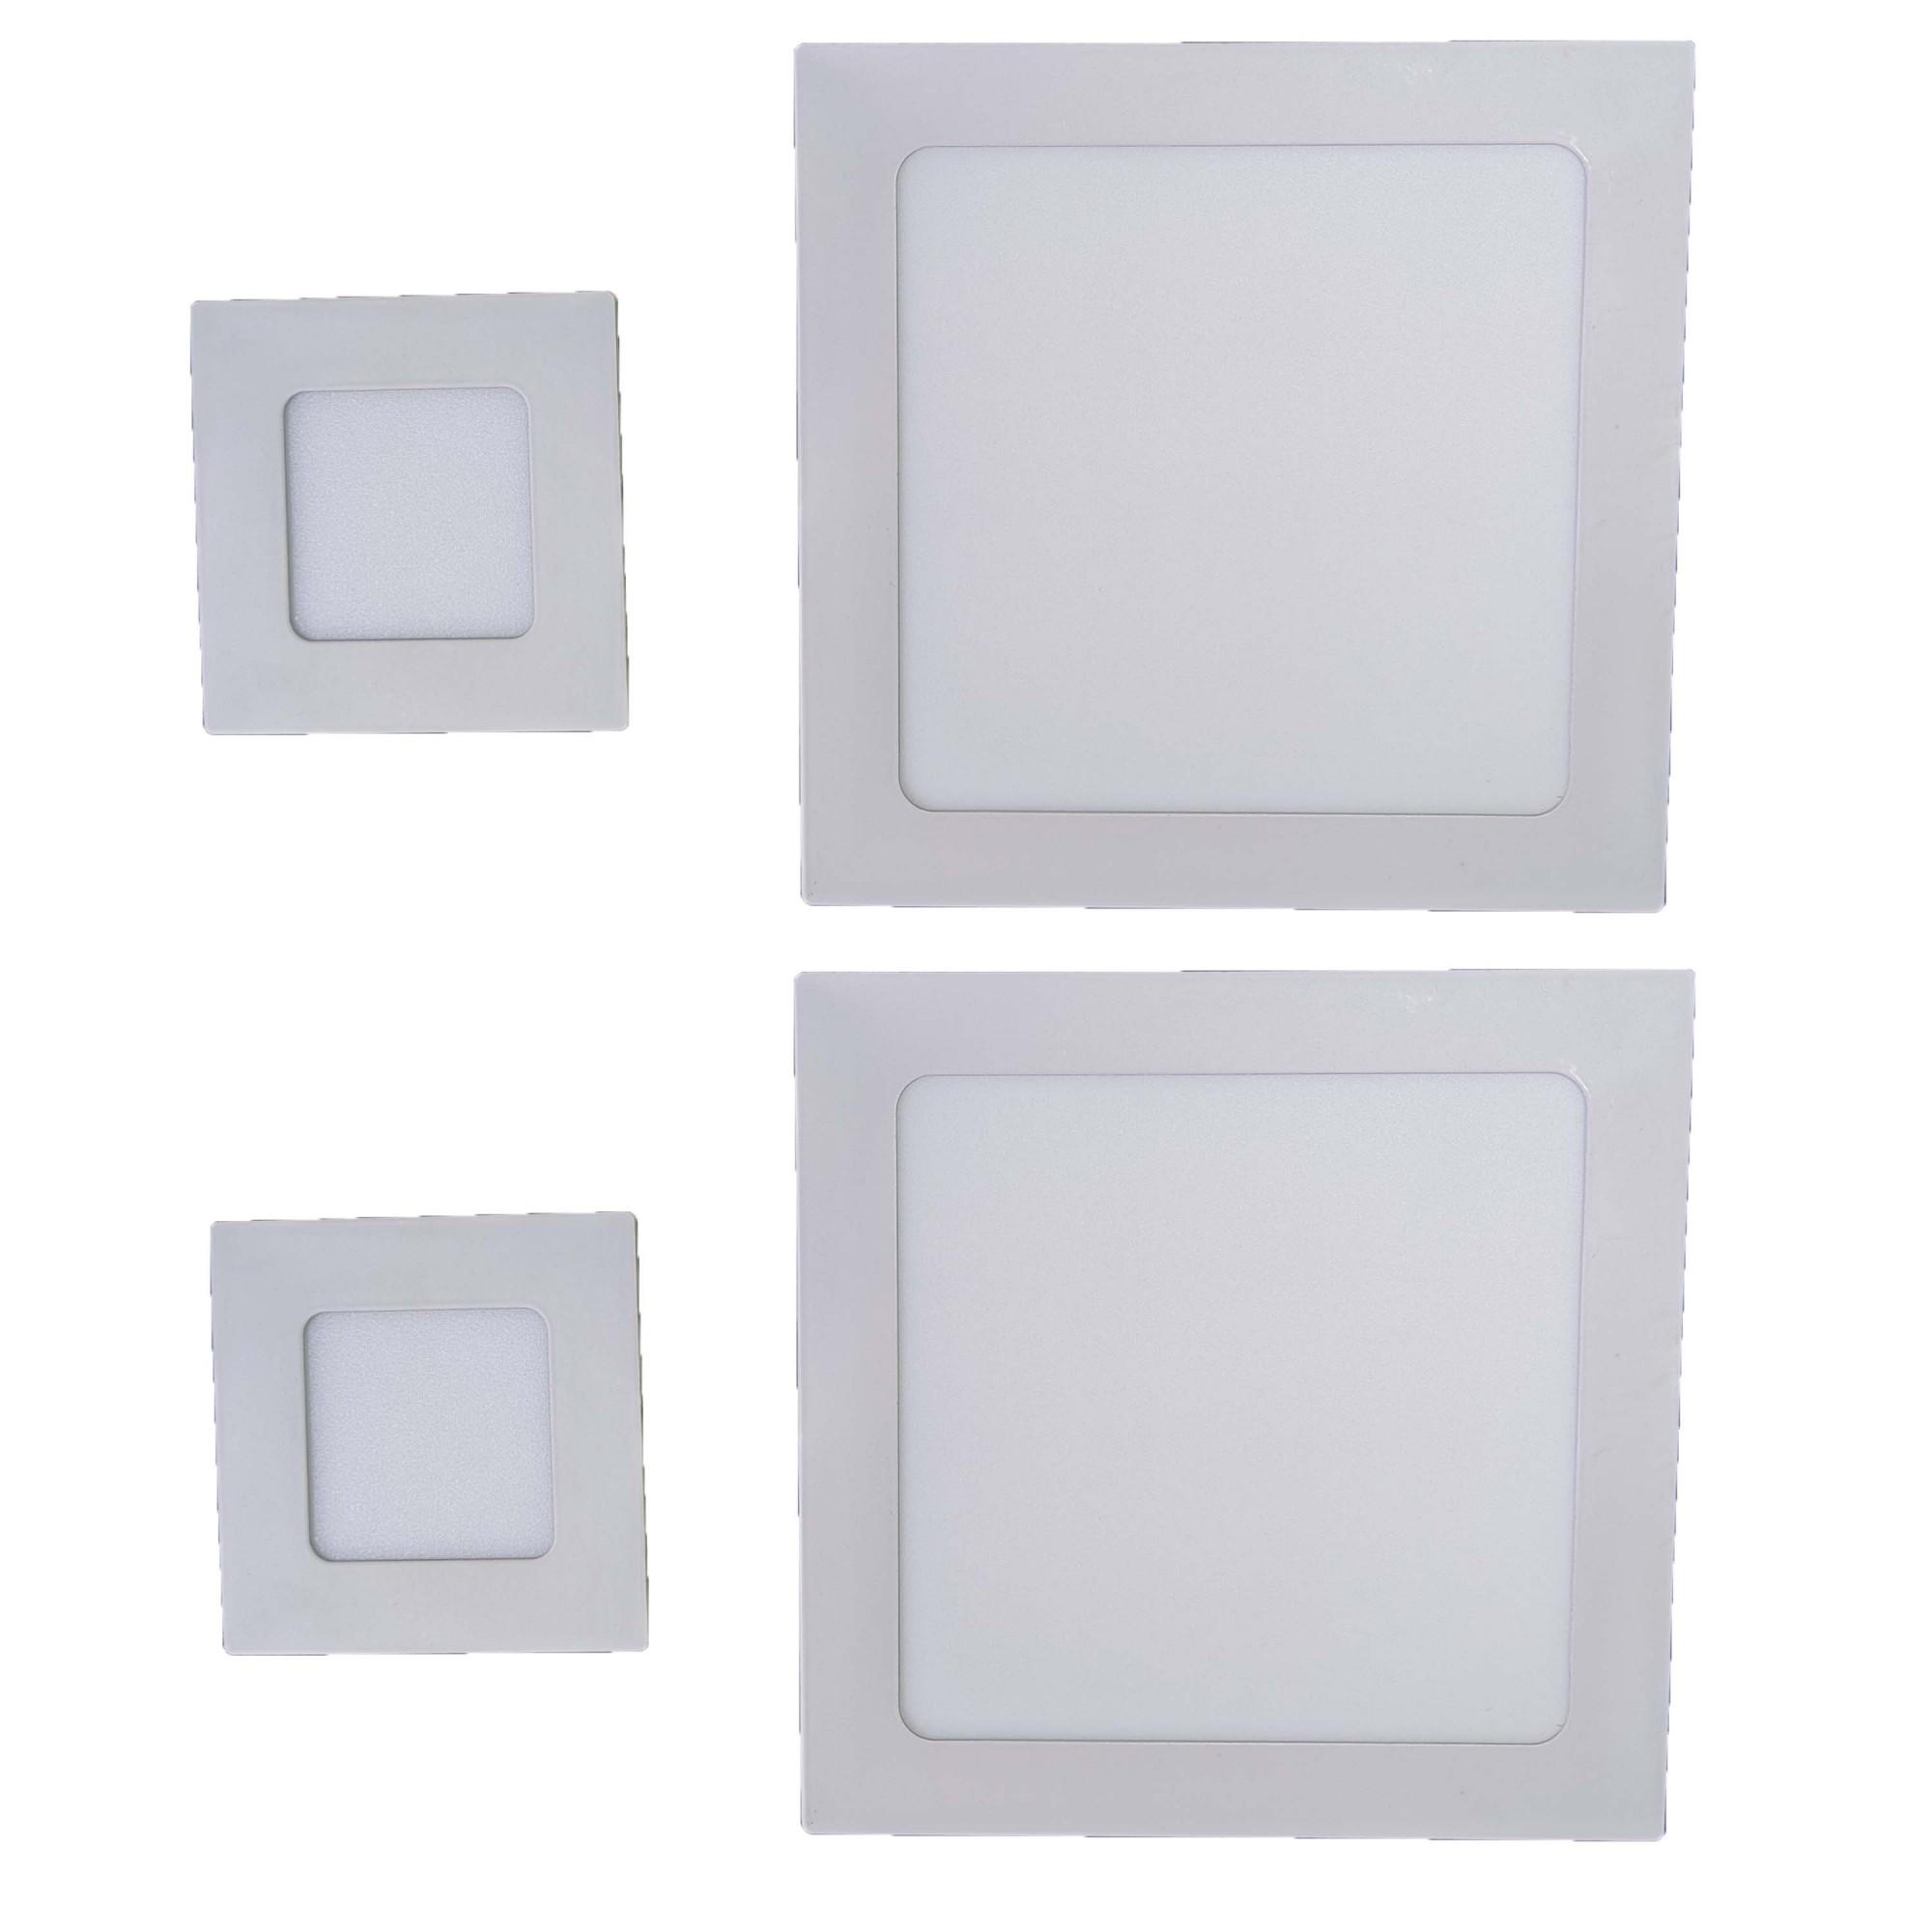 Iluminição banheiro Kit Luminárias 2 x 12W e 2 x 3W Luz Fria Embutir